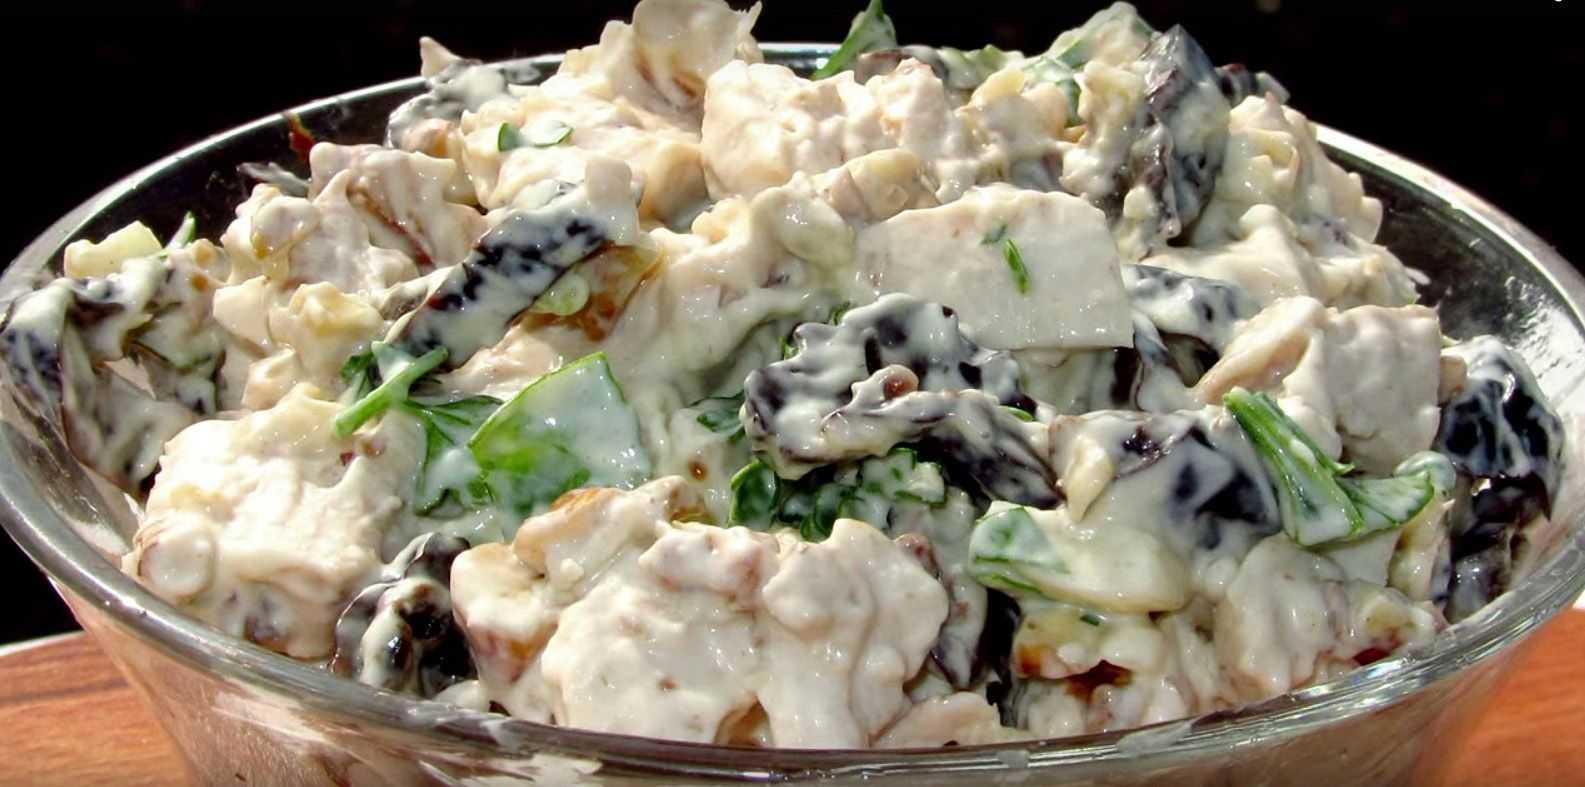 Салат курица с черносливом и грецким орехом - рецепт с сыром. 10 пошаговых фото   народные знания от кравченко анатолия